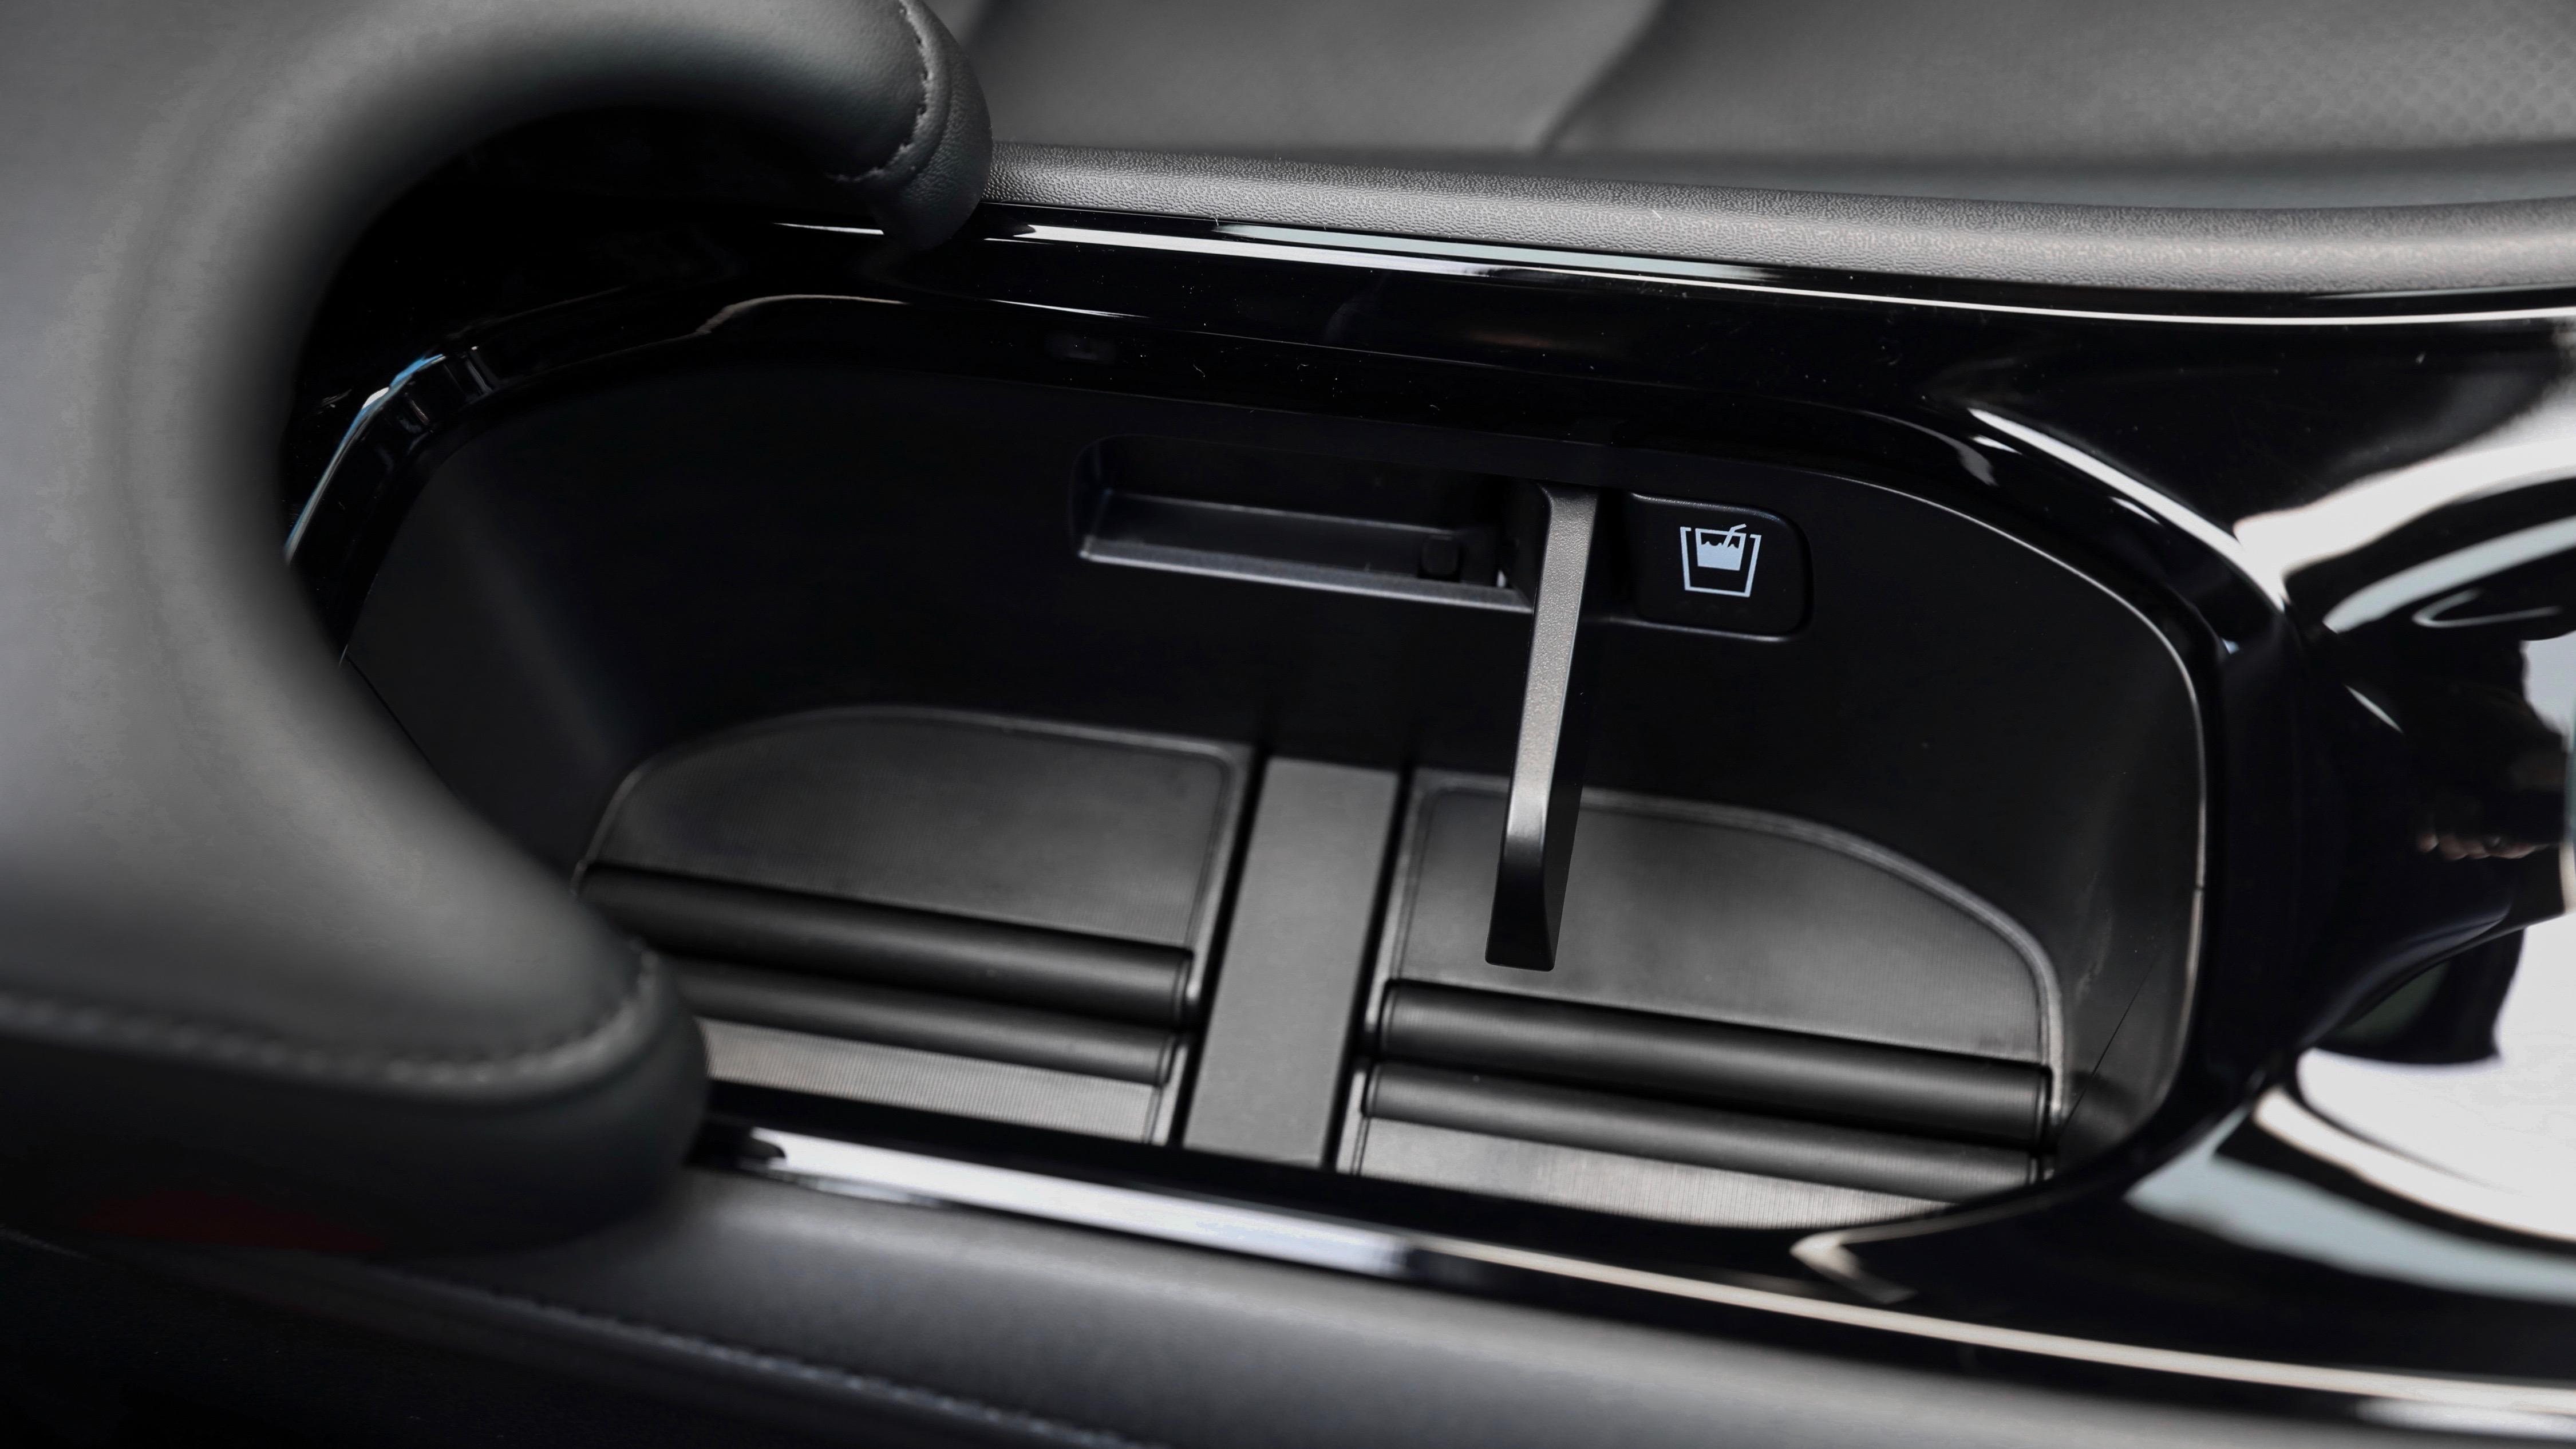 2019 Honda HR-V cupholders